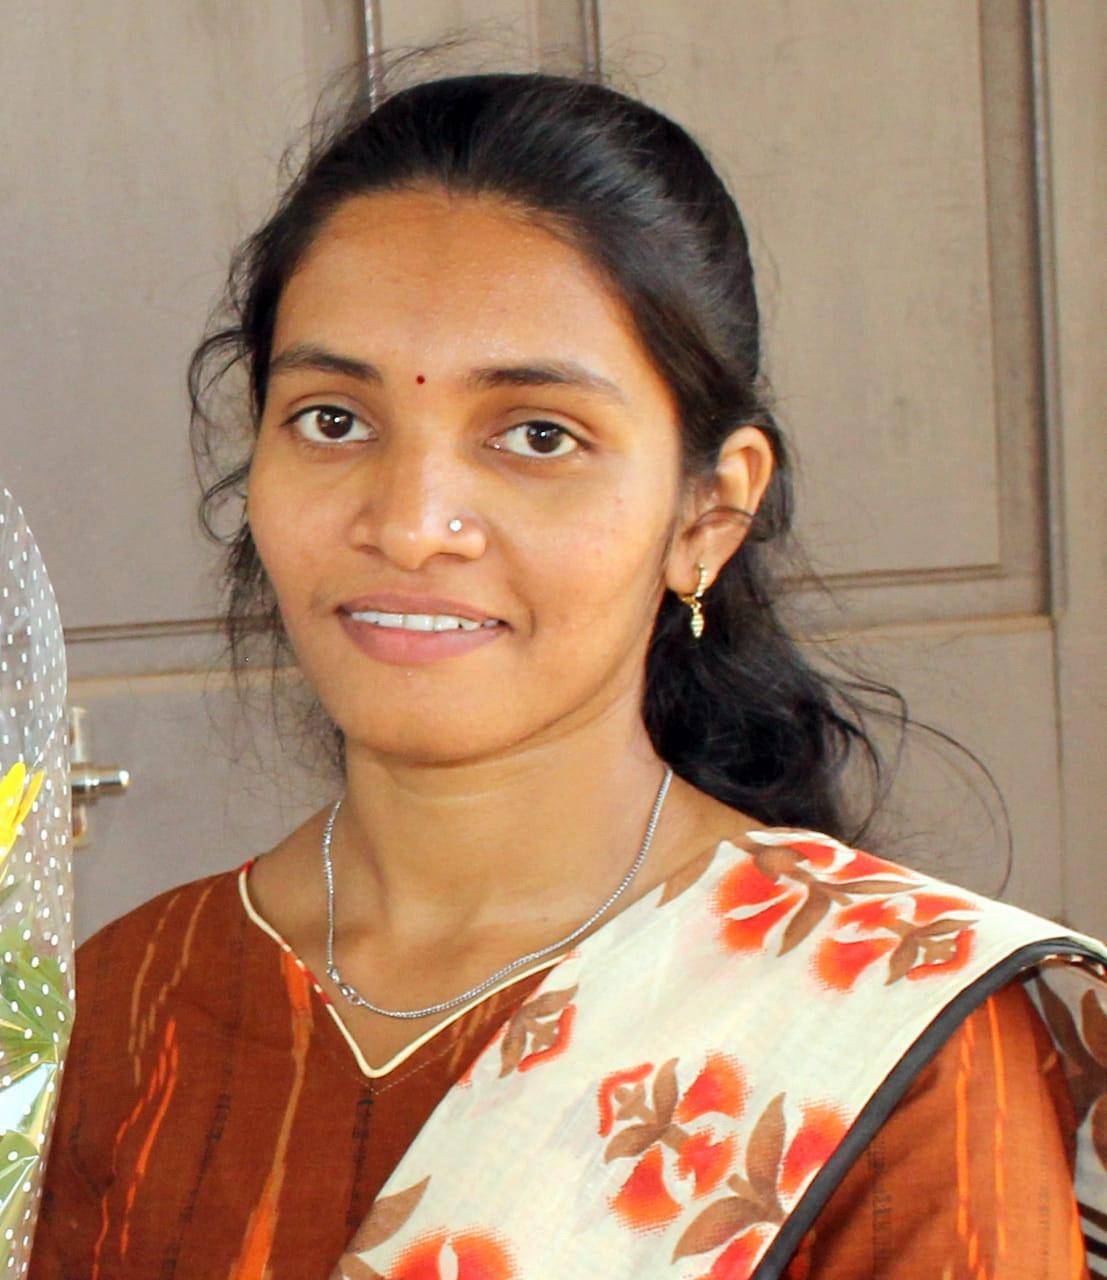 वेतोरेची मुकबधीर कन्या पूजा धुरी पेंटींगमध्ये महाराष्ट्रात प्रथम